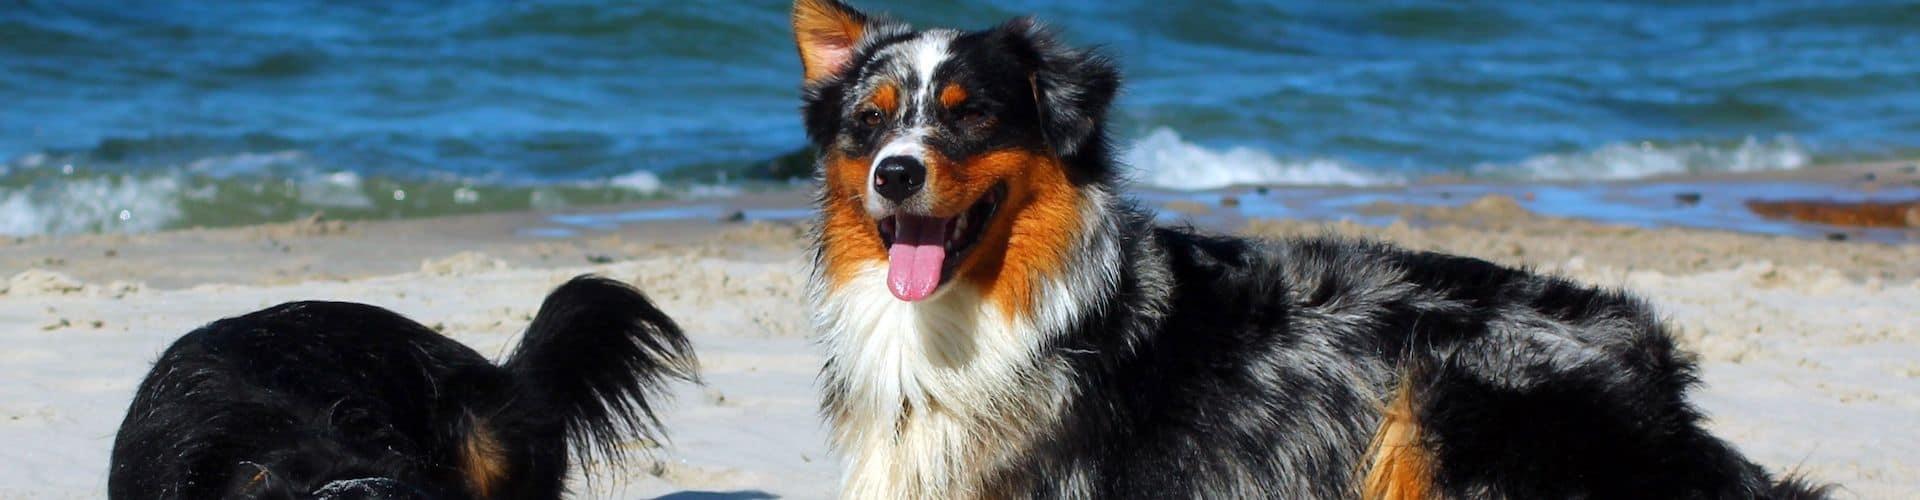 Ferien mit Hund an der Ostsee